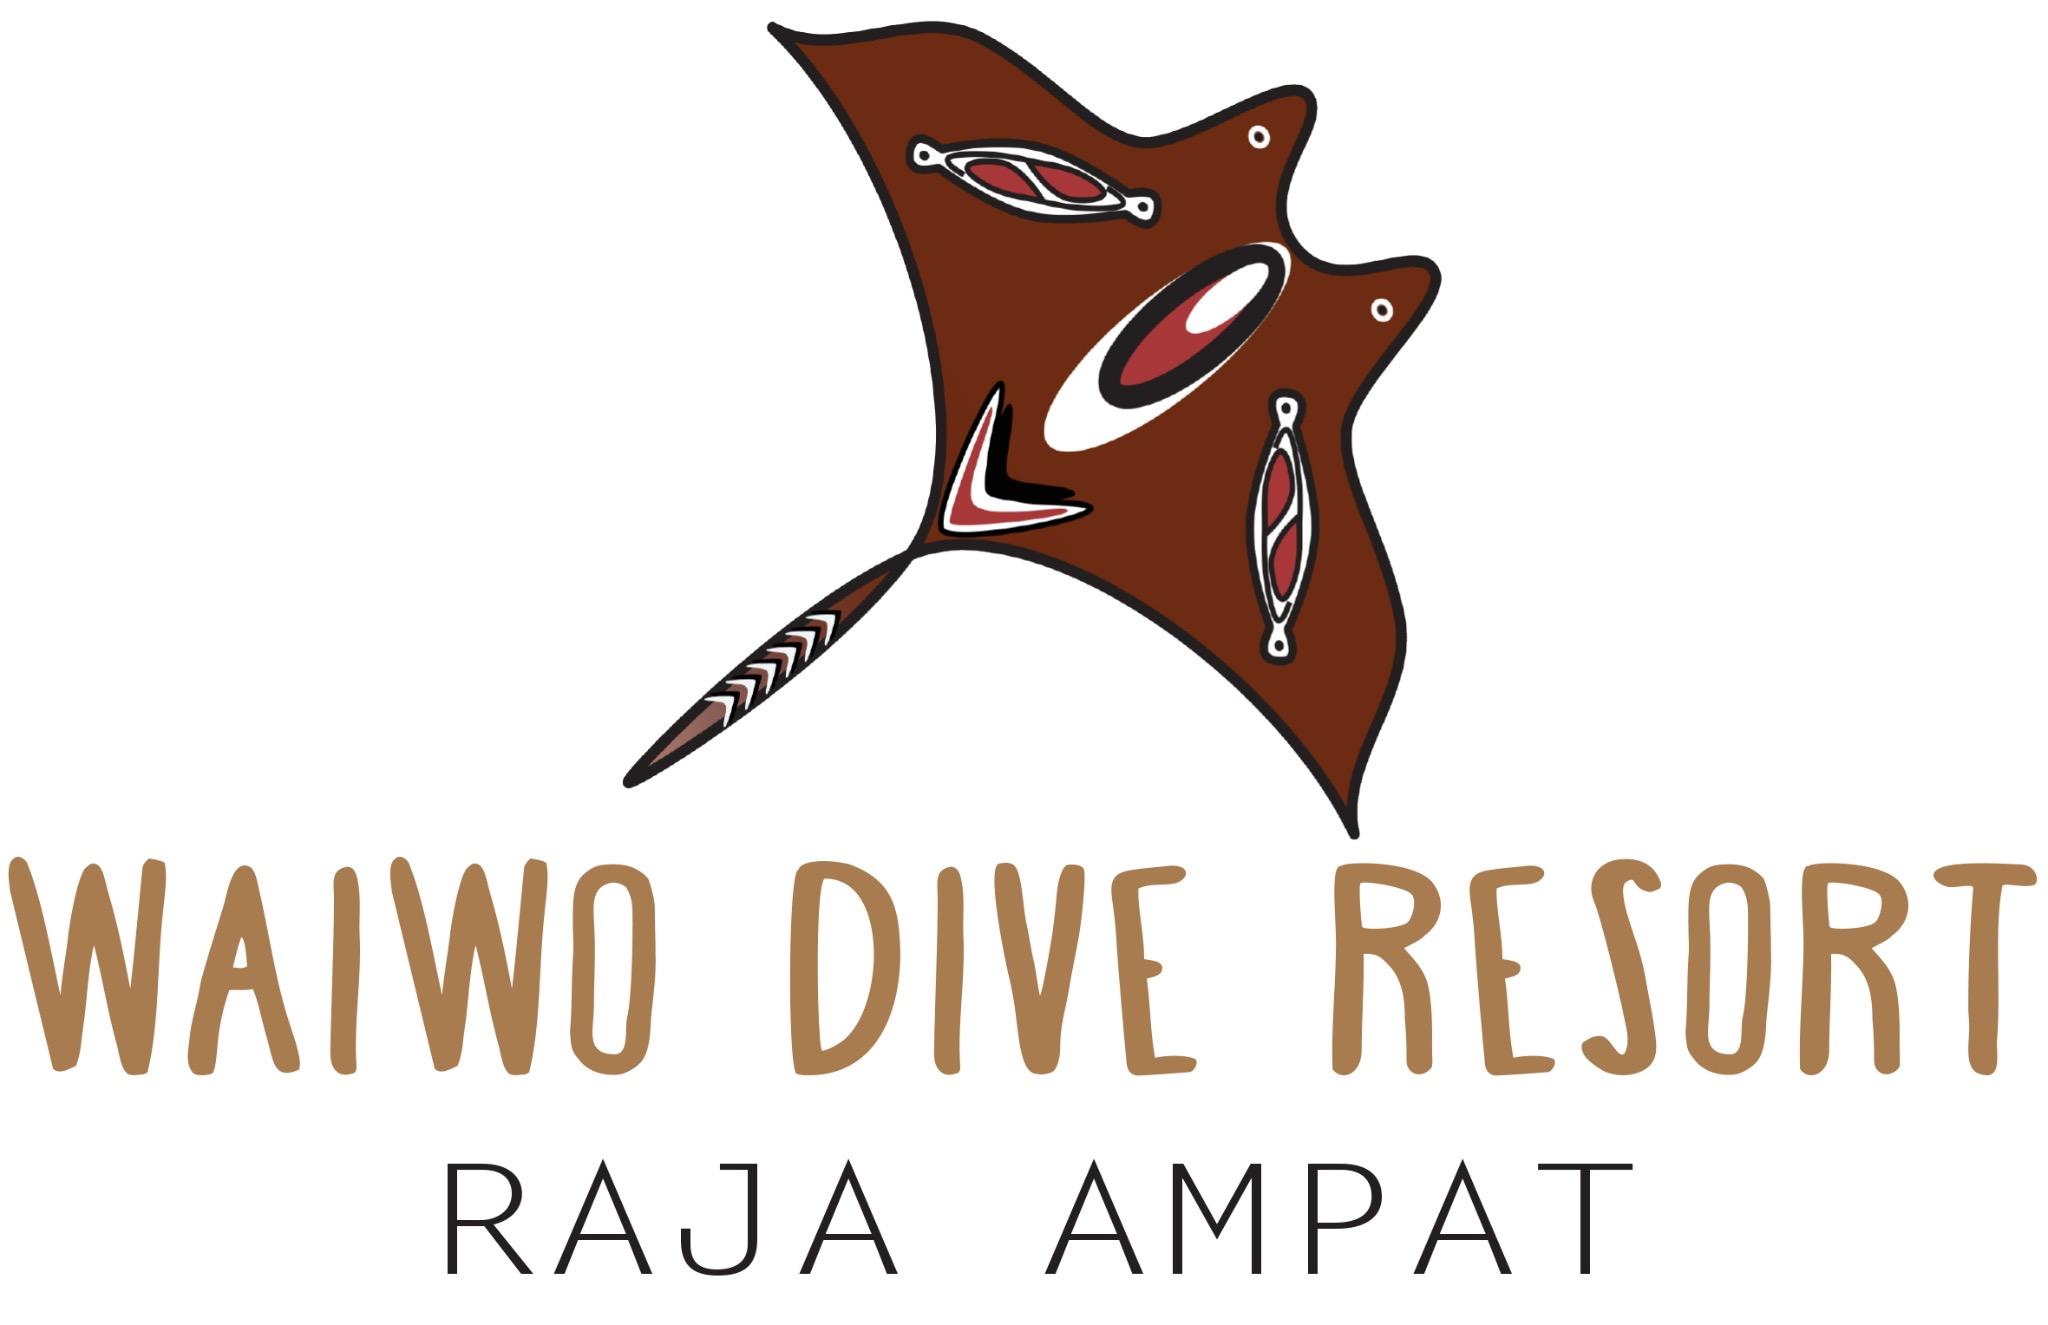 Waiwo dive resort raja ampat indonesia - Dive resort raja ampat ...